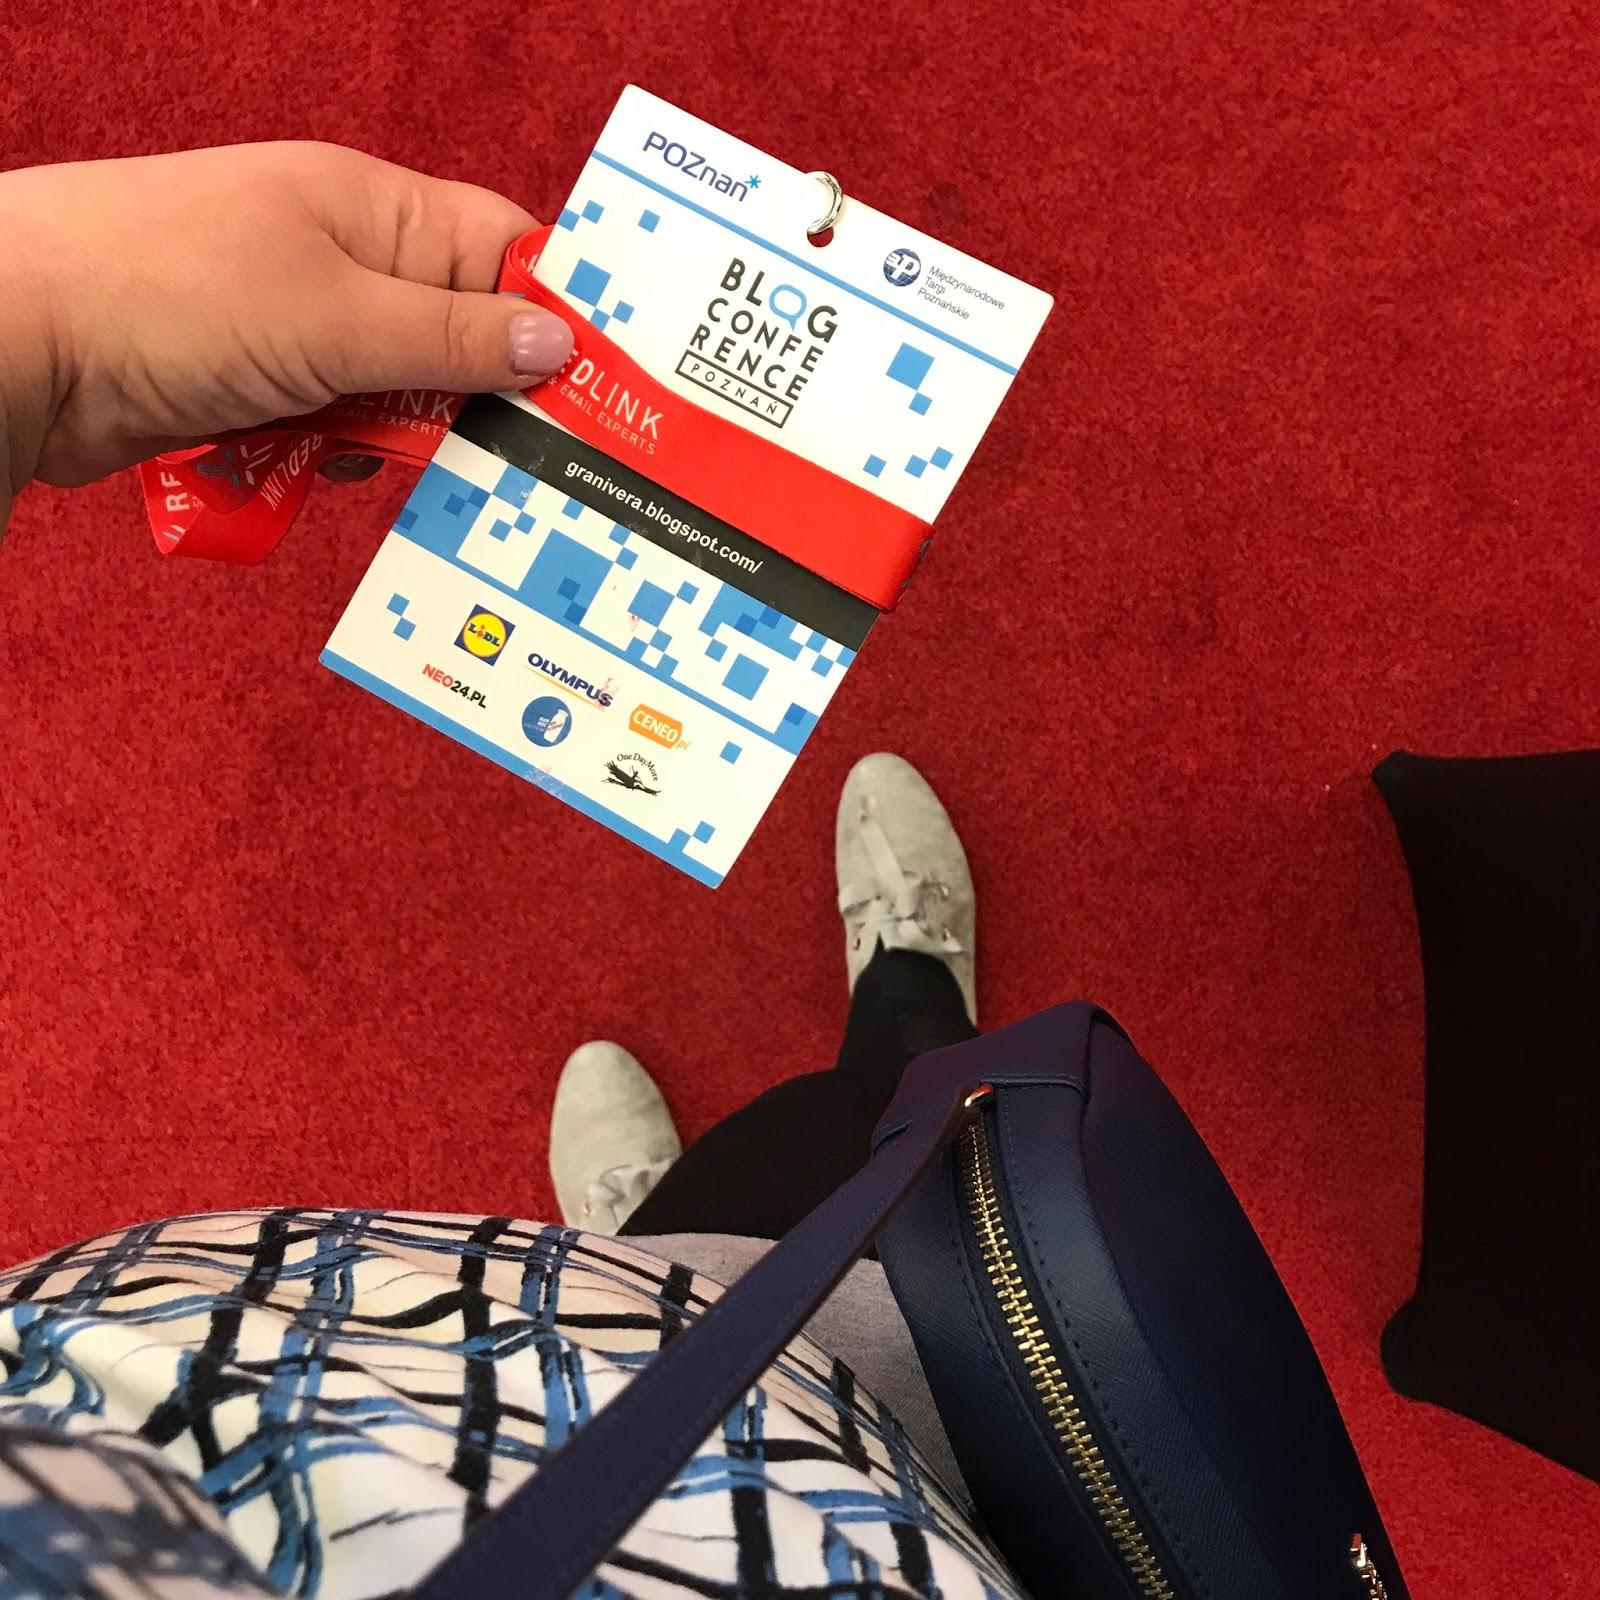 Poznań Blog Conference 2018/ Podsumowanie konferencji / Czy warto wybrać się na konferencje blogerów/ infulencerów?